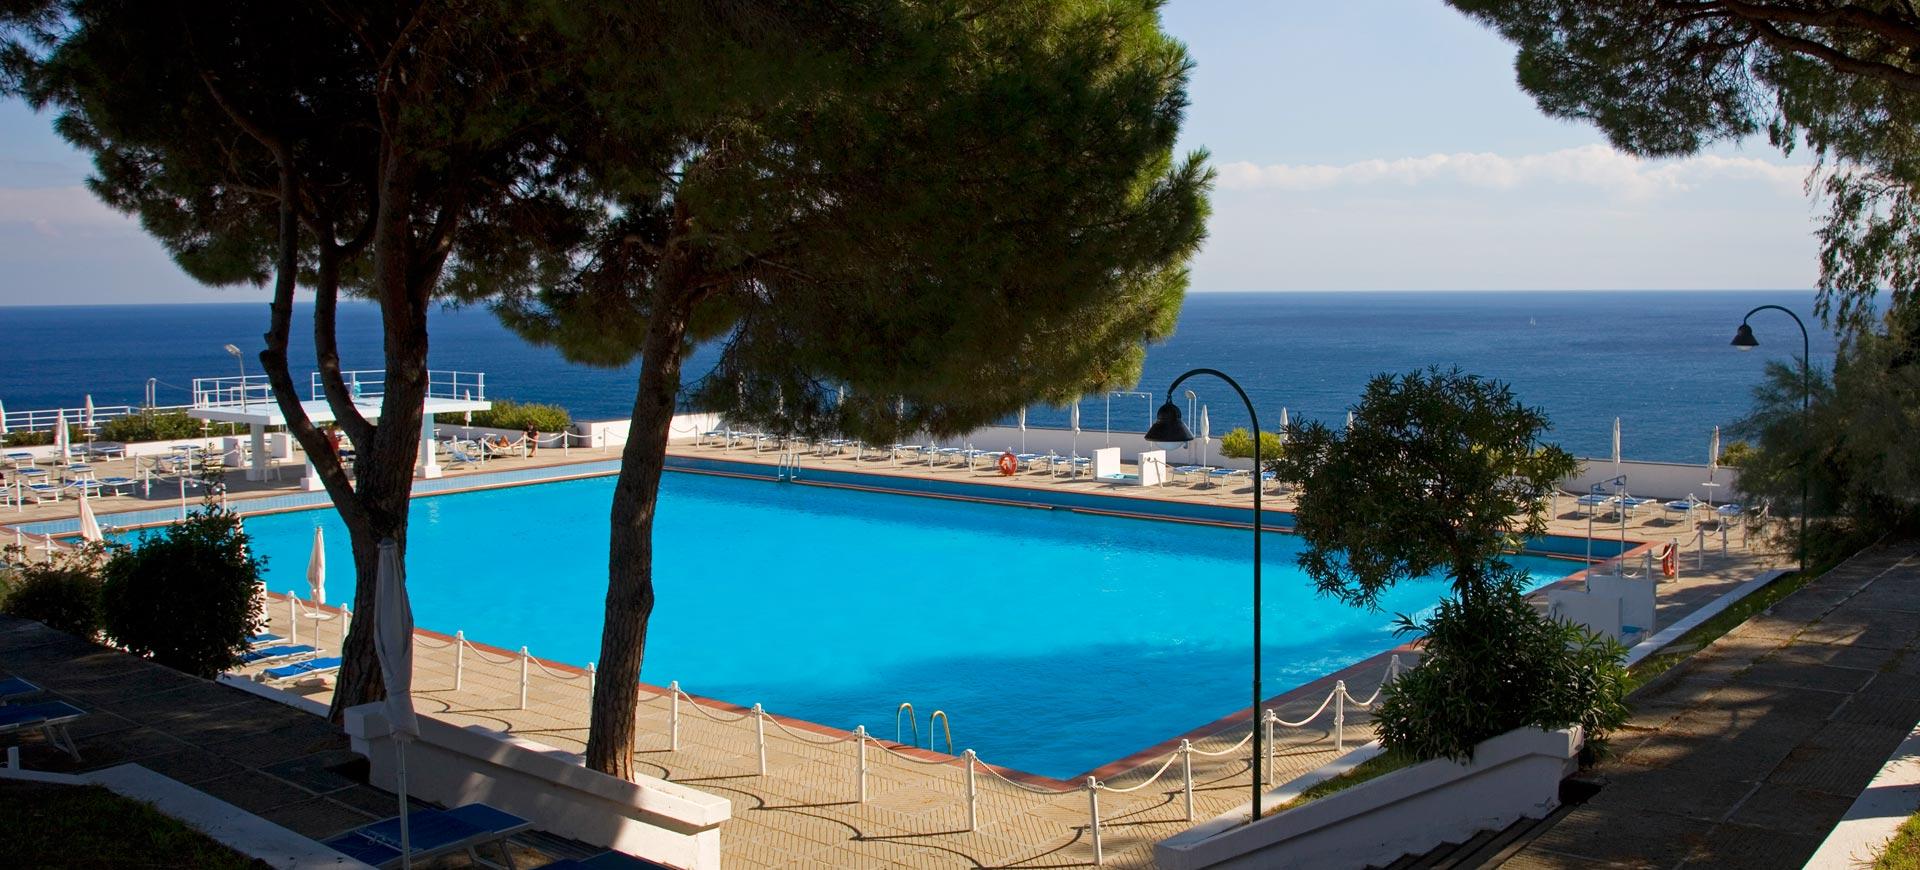 Panorama-schwimmbad Arenzano Genova